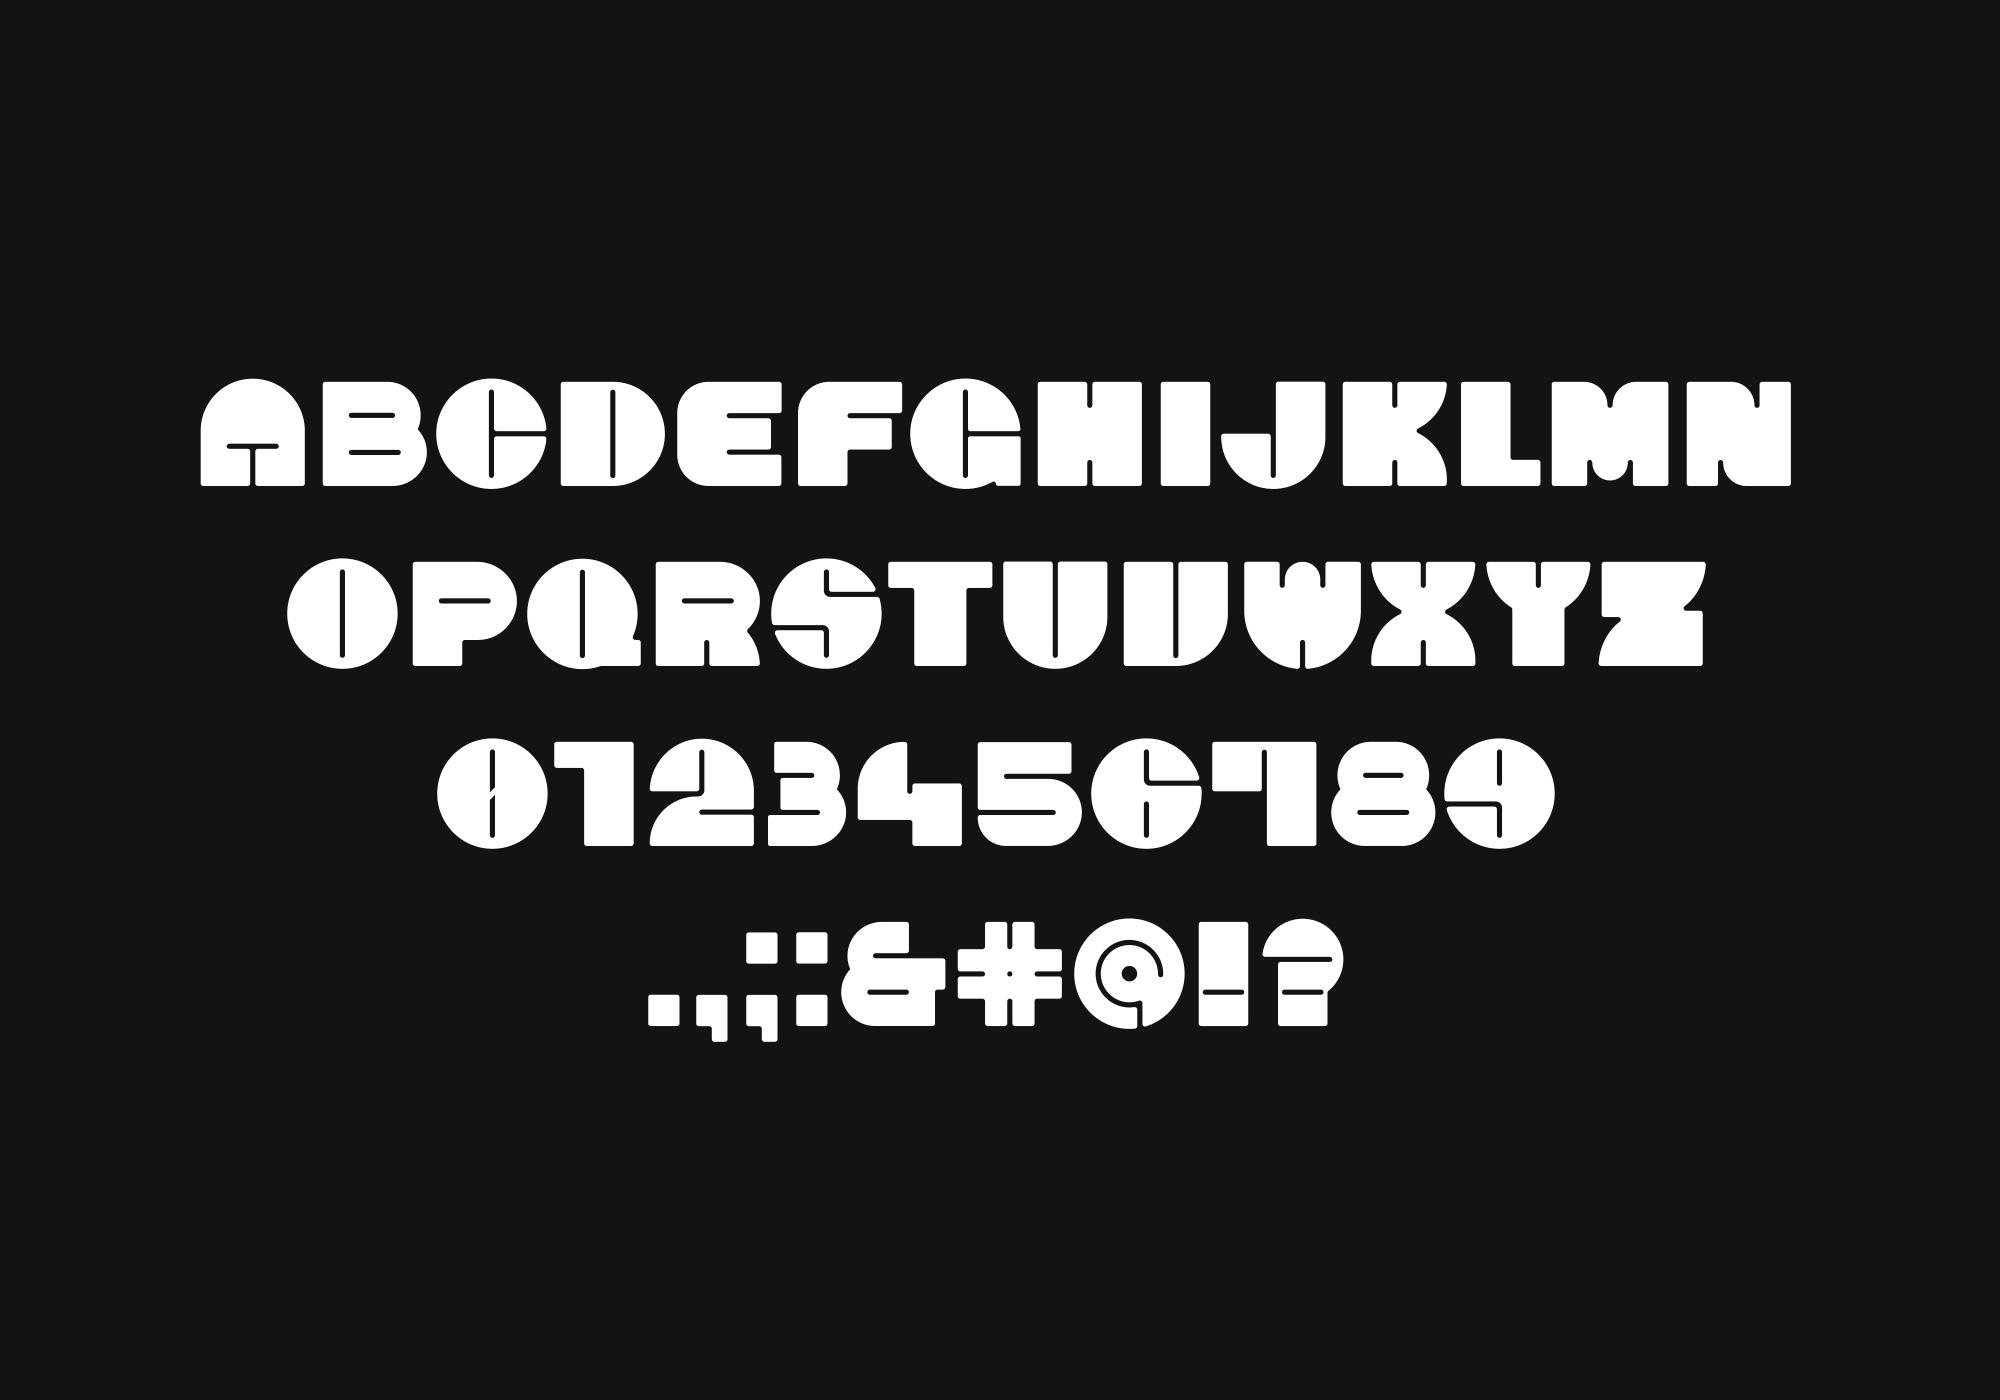 Chonky_font_full